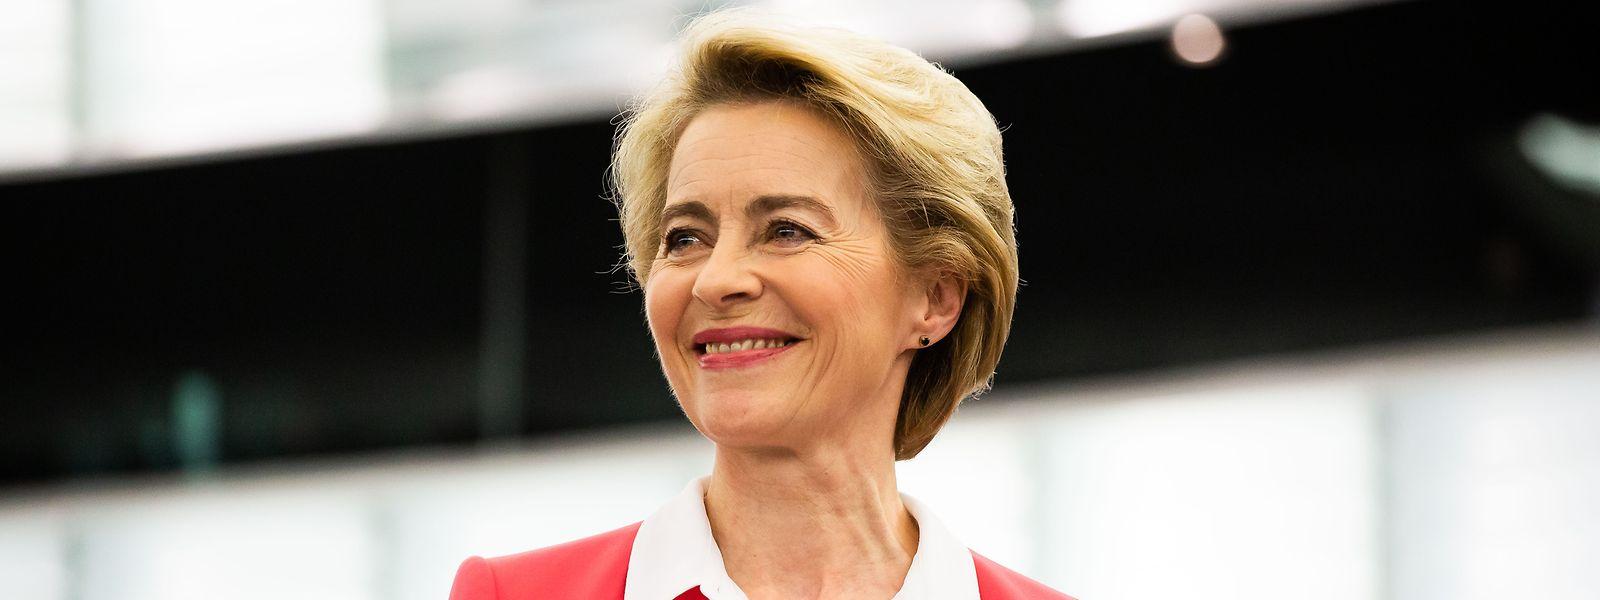 Das Warten hat ein Ende: Ursula von der Leyen und die neue EU-Kommission können ihre Ämter mit einem Monat Verzögerung antreten.